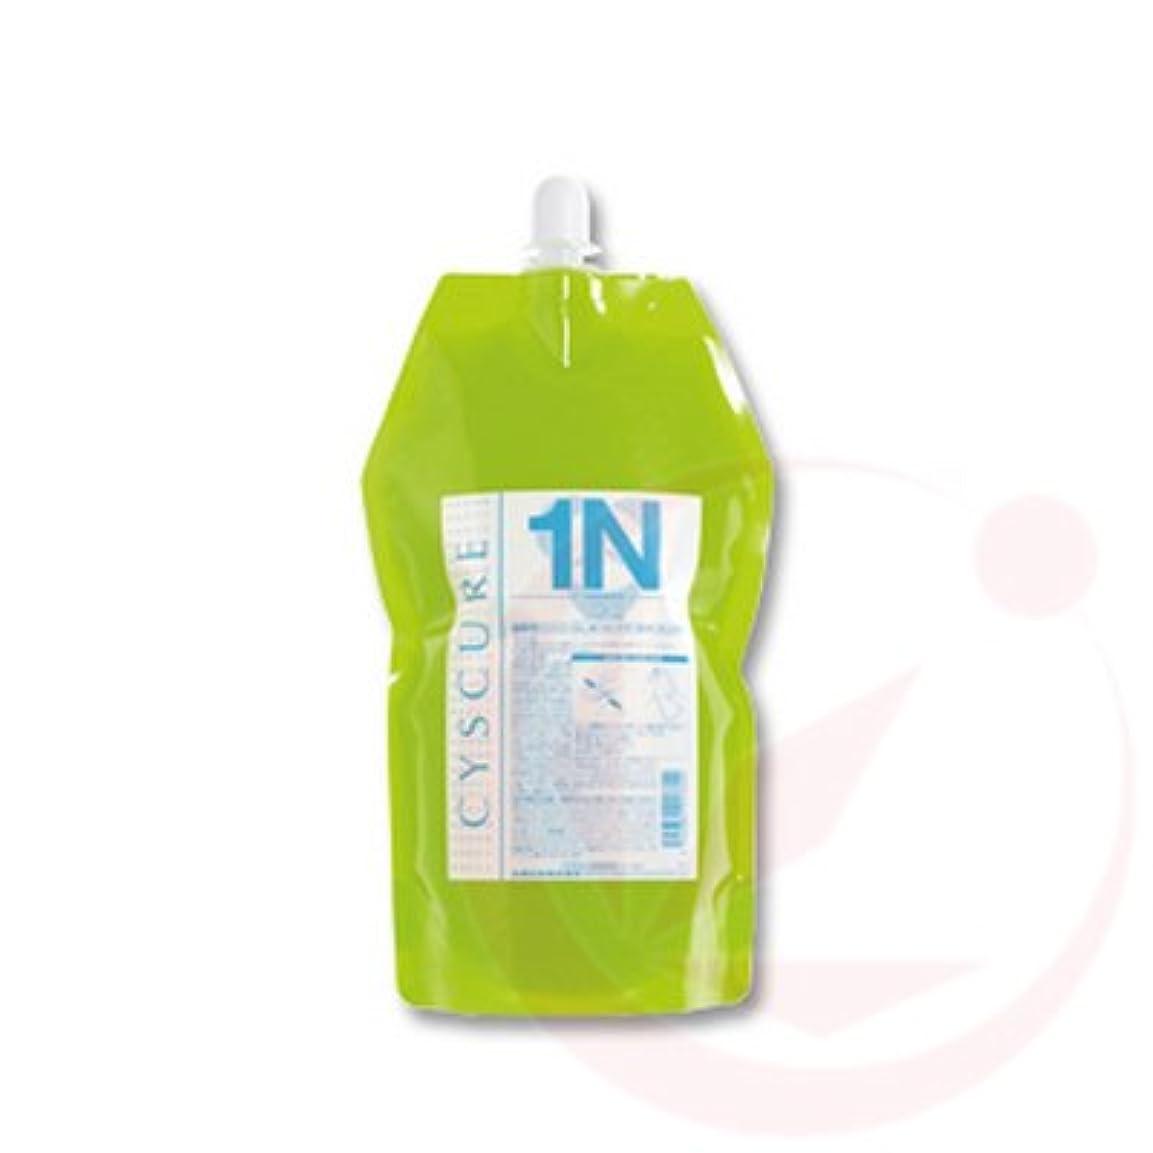 アイドル思慮のない植生タマリス シスキュア1N 1000g (パーマ剤/1剤)